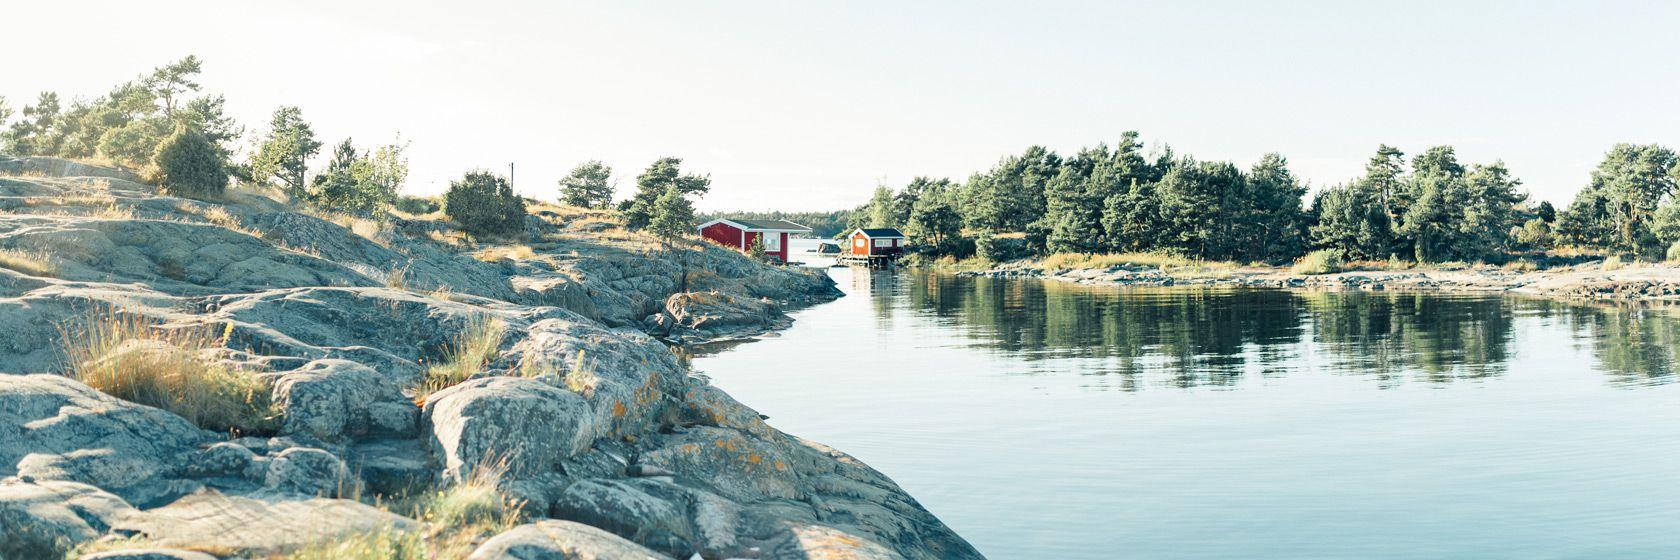 Hitta äventyret runt hörnet  – 4  skäl till varför en bussresa i Sverige är bäst!